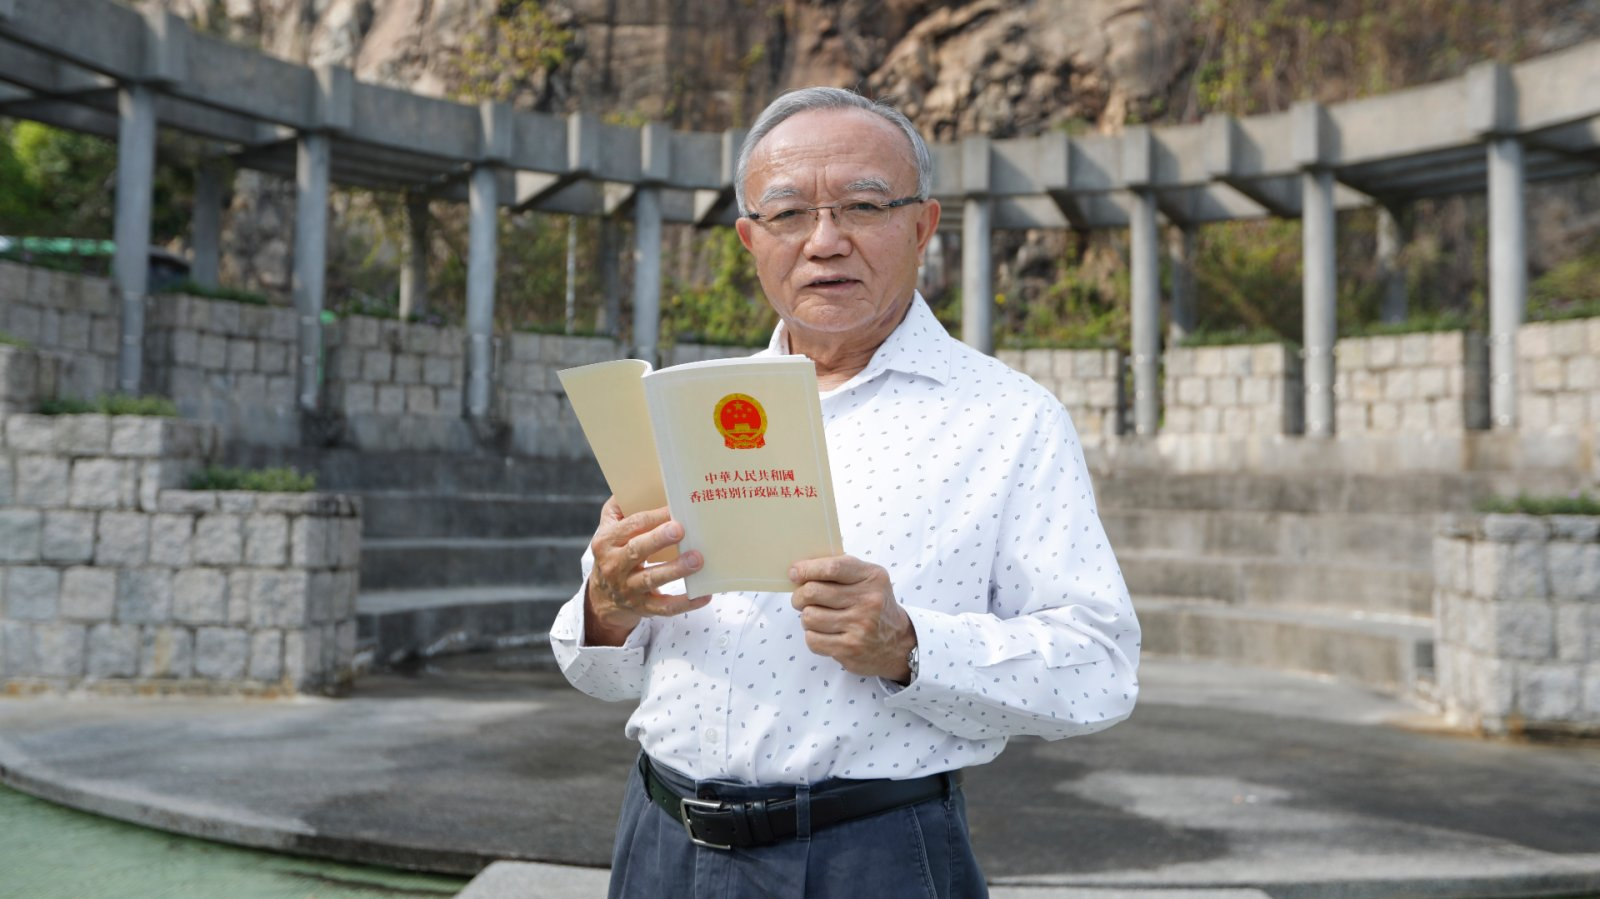 劉兆佳促盡快成立審查委員會 國安公署及警方可協助審查